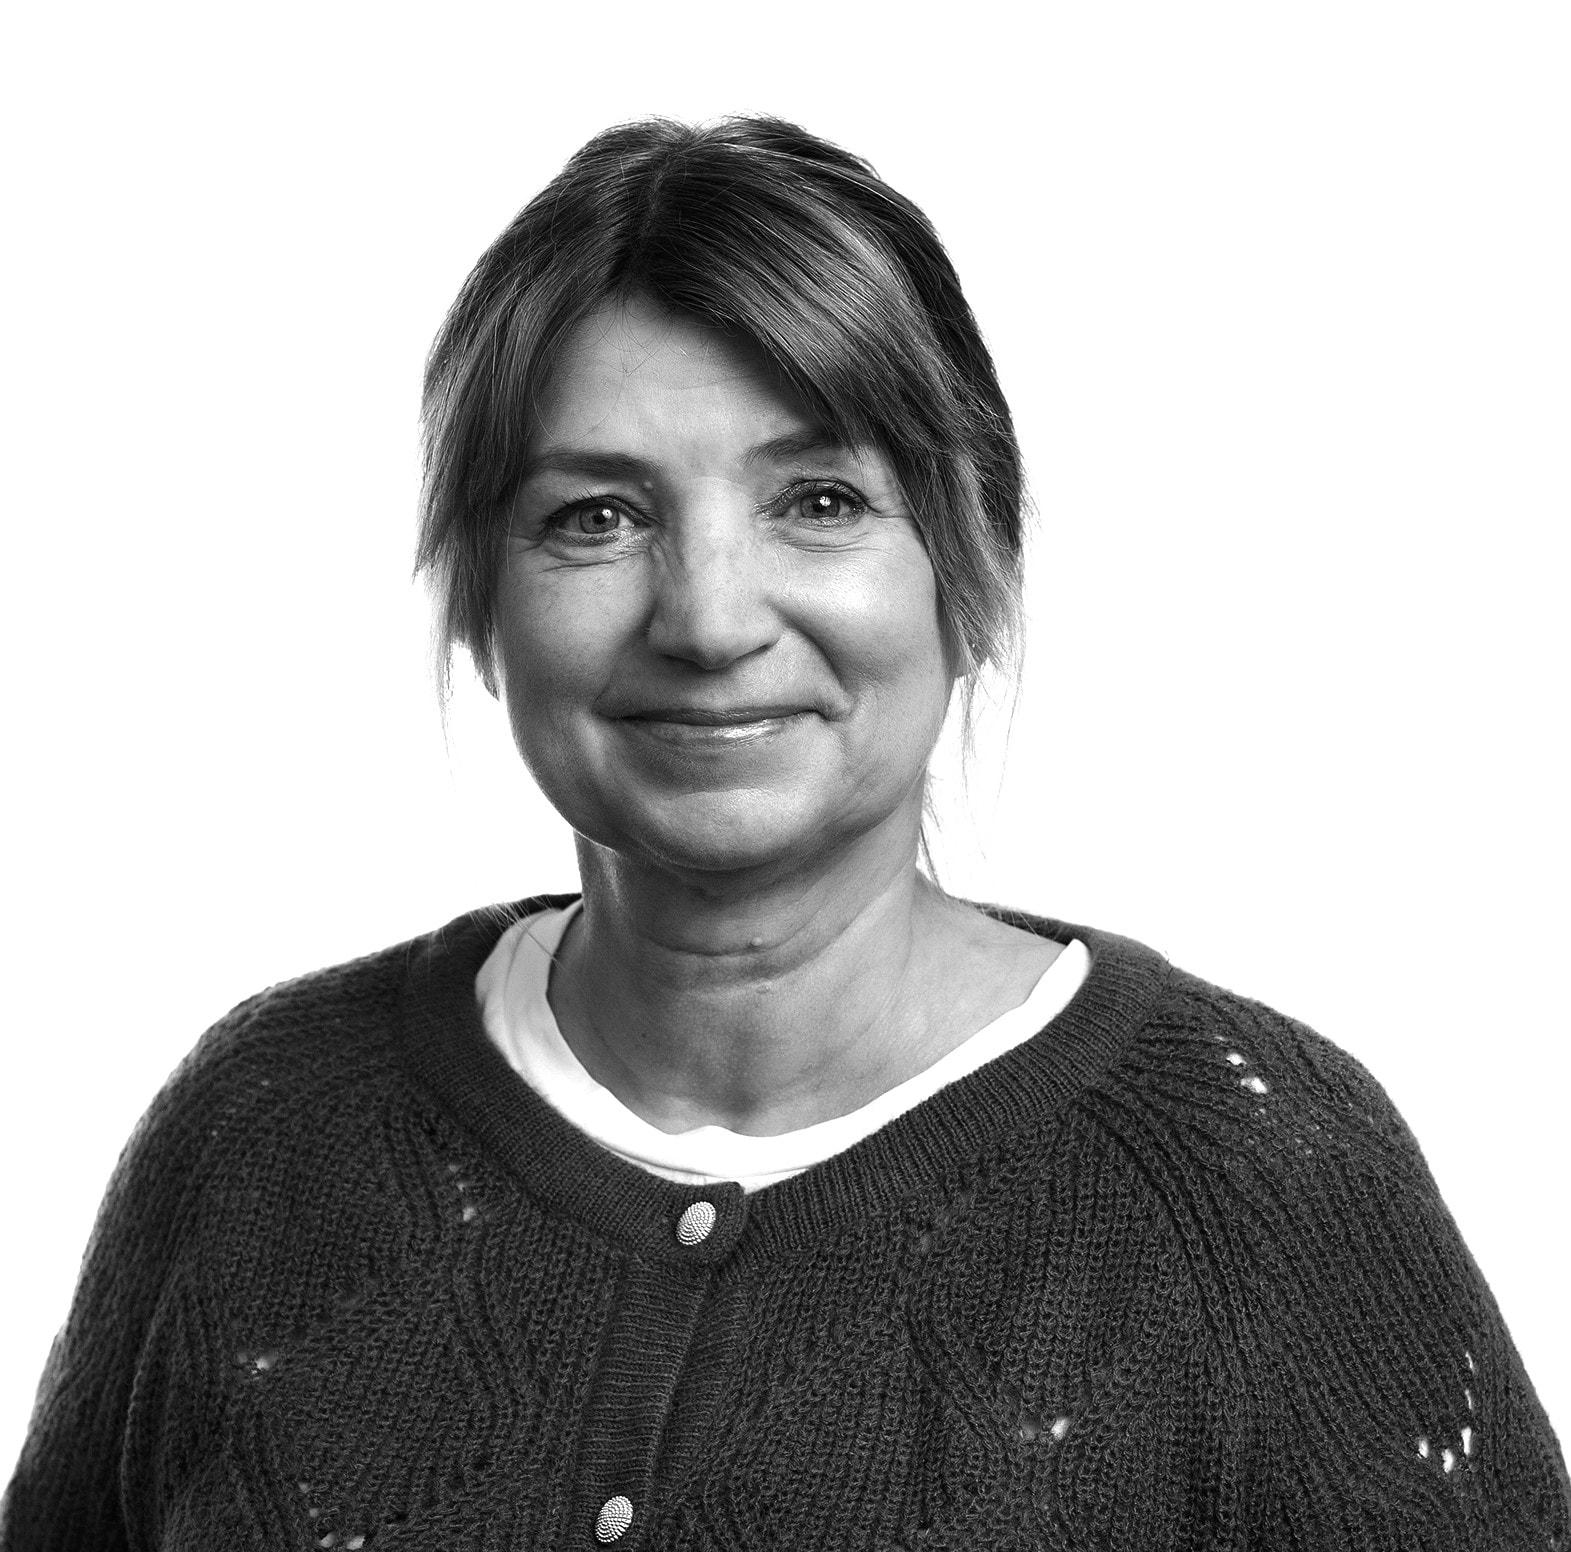 Eva Dahlmann